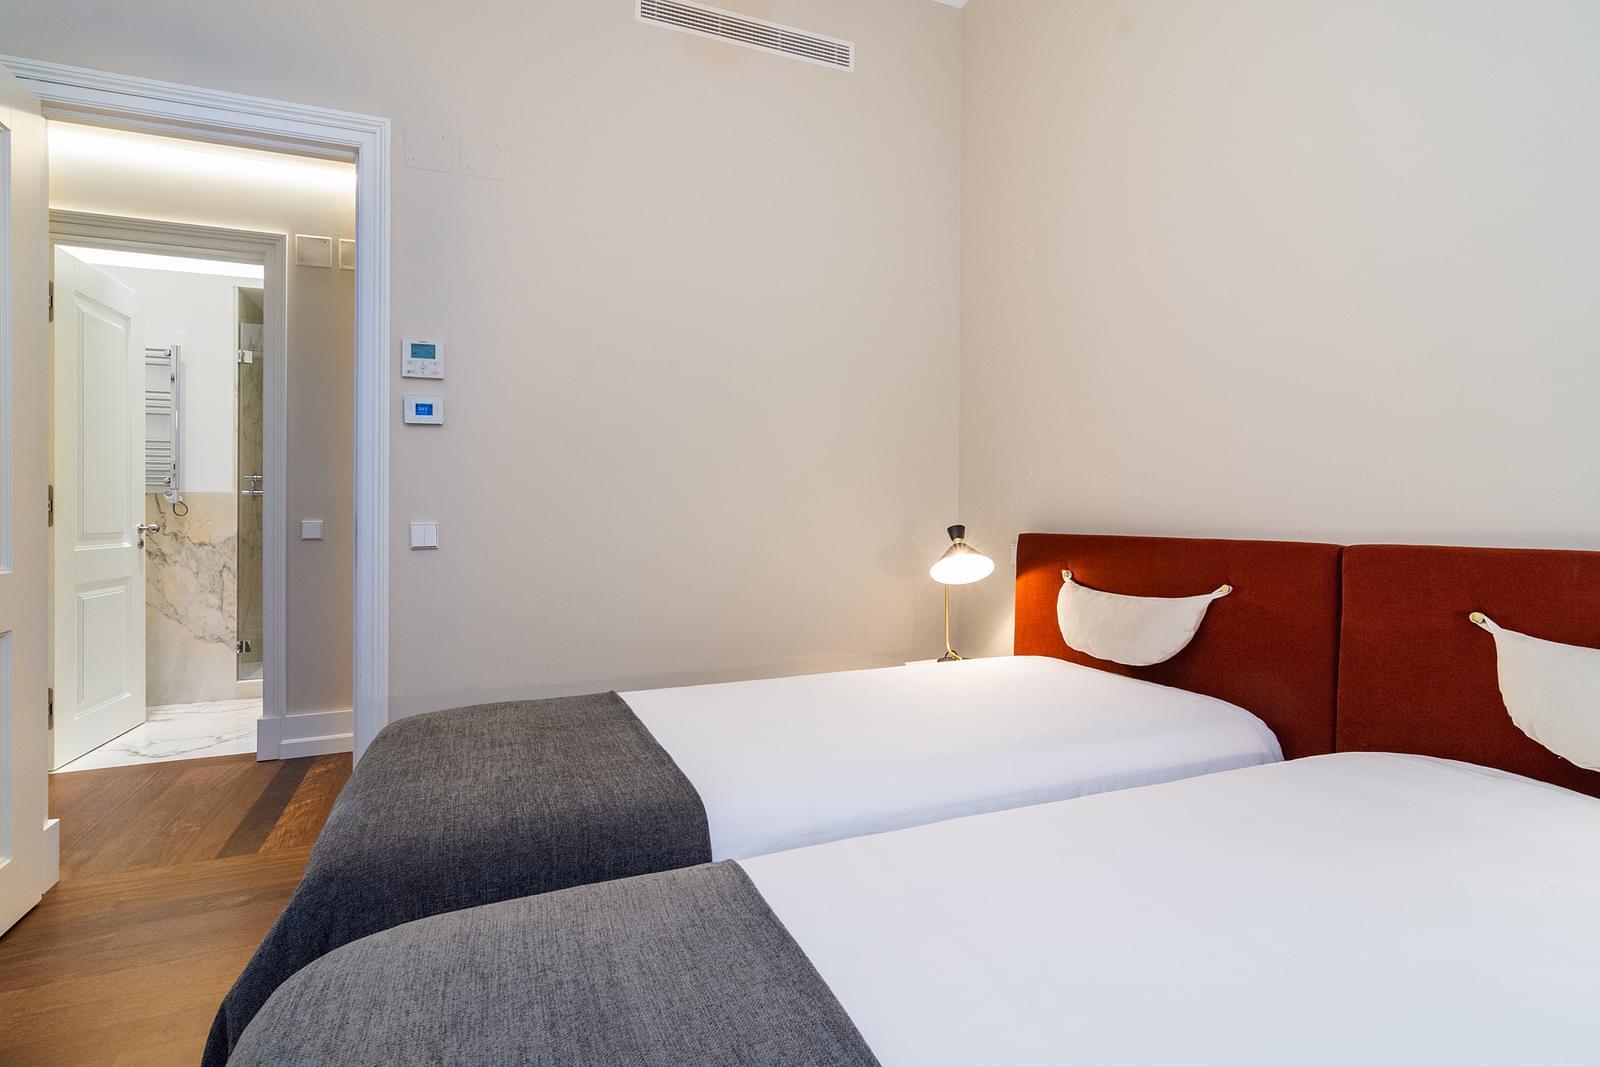 pf19003-apartamento-t2-lisboa-7613e70f-5e8e-43eb-a408-762036518b03